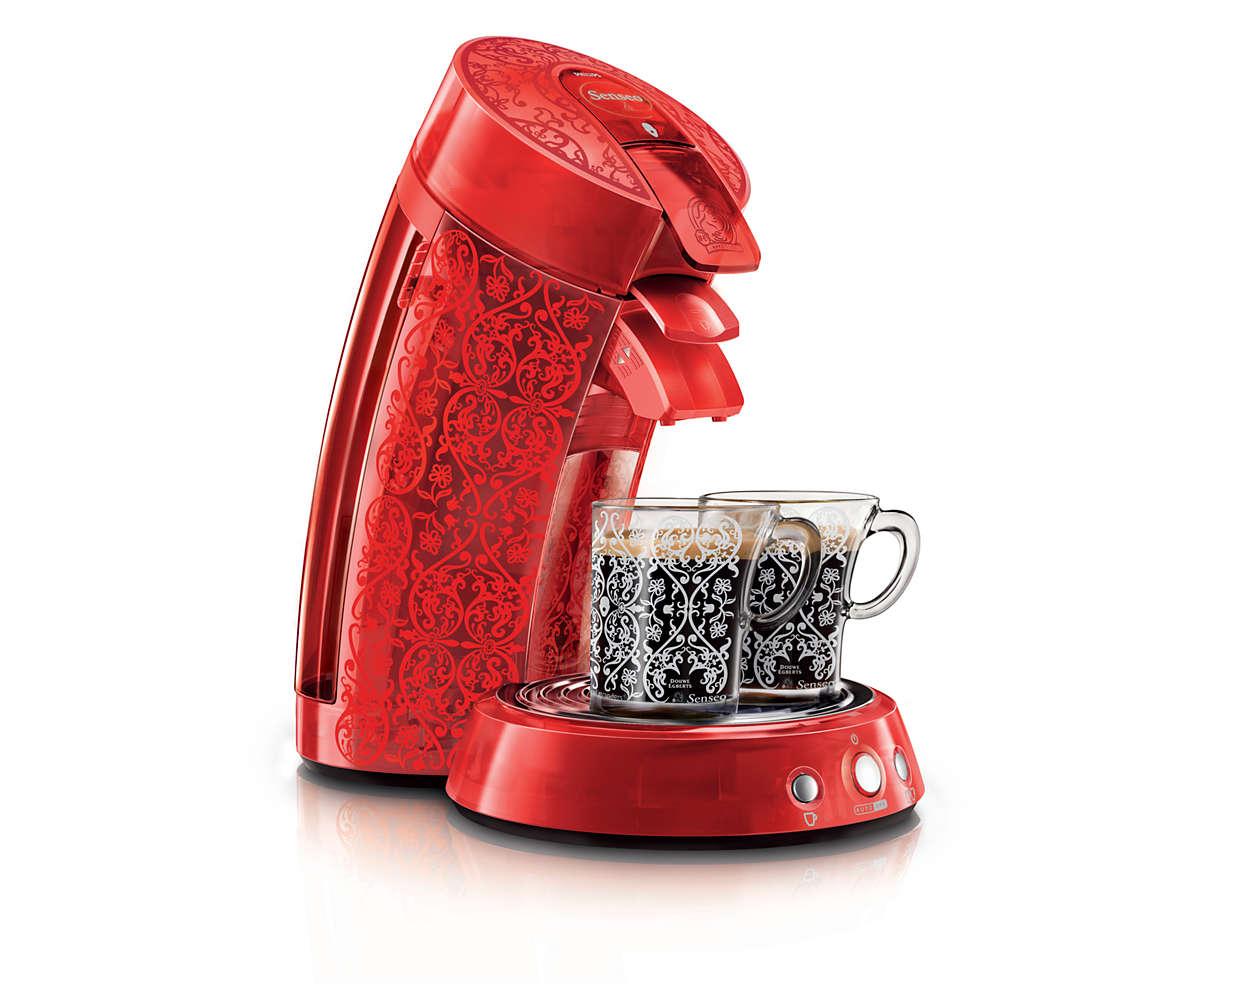 Leckerer frisch gebrühter Kaffee mit Stil